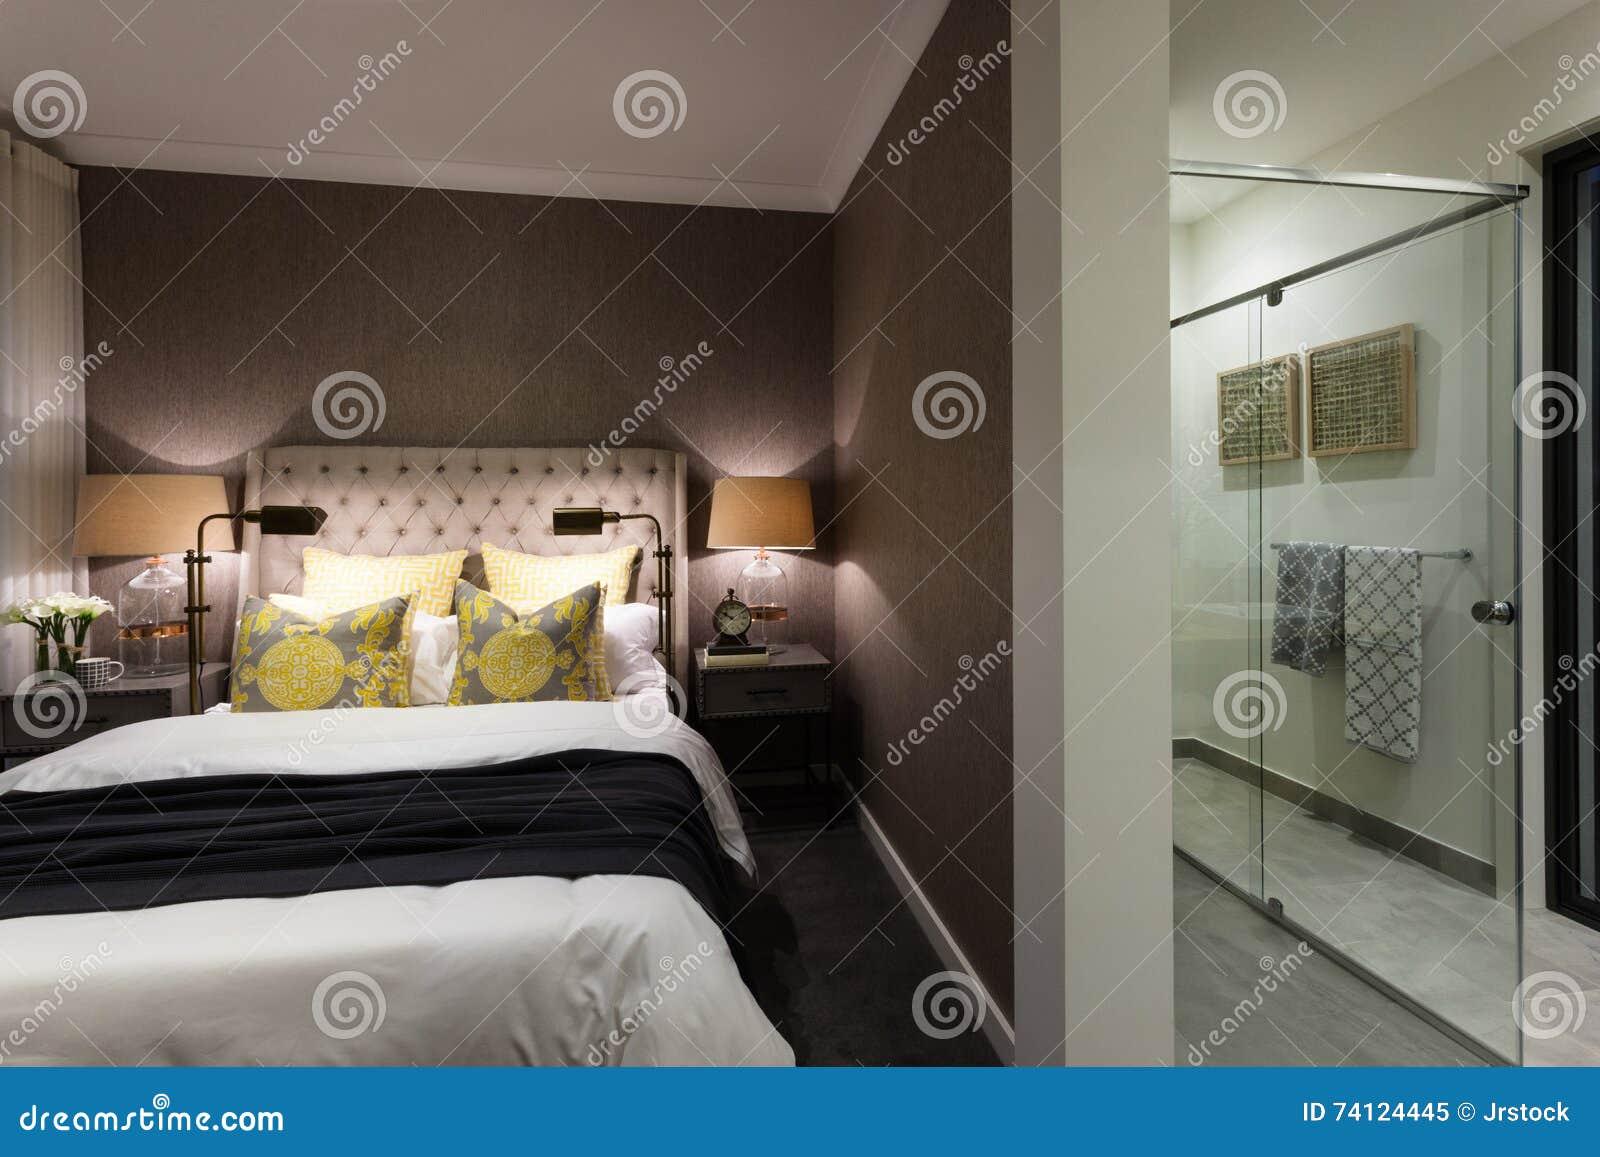 Bagno In Camera Con Vetrata : Camera da letto moderna di un hotel allegato ad un bagno immagine